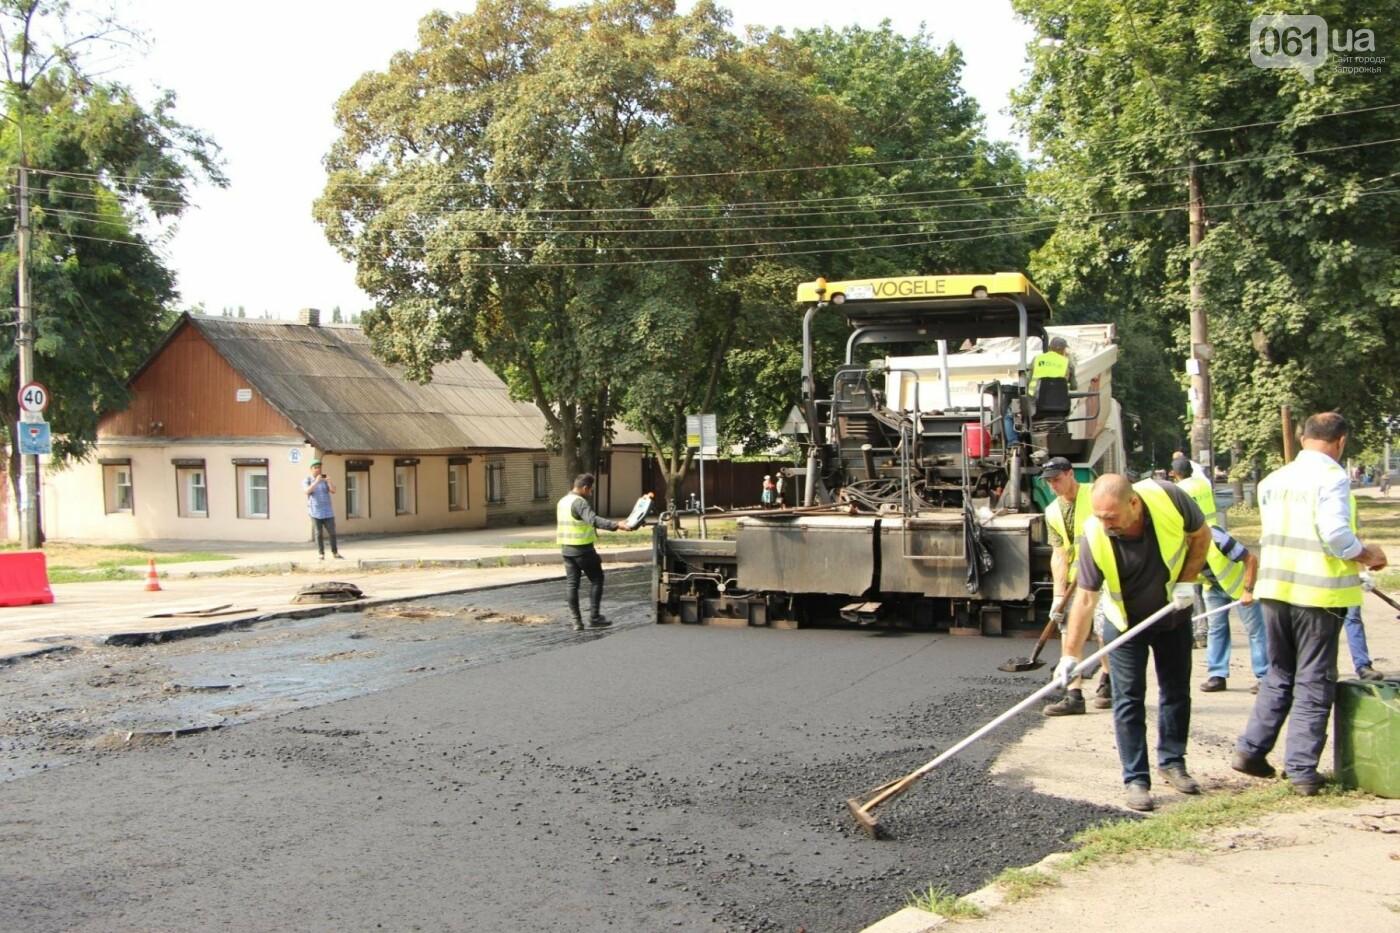 В Запорожье заканчивается ремонт дороги по улице Фортечной - завтра начнут в Вознесеновском, - ФОТОРЕПОРТАЖ, фото-13